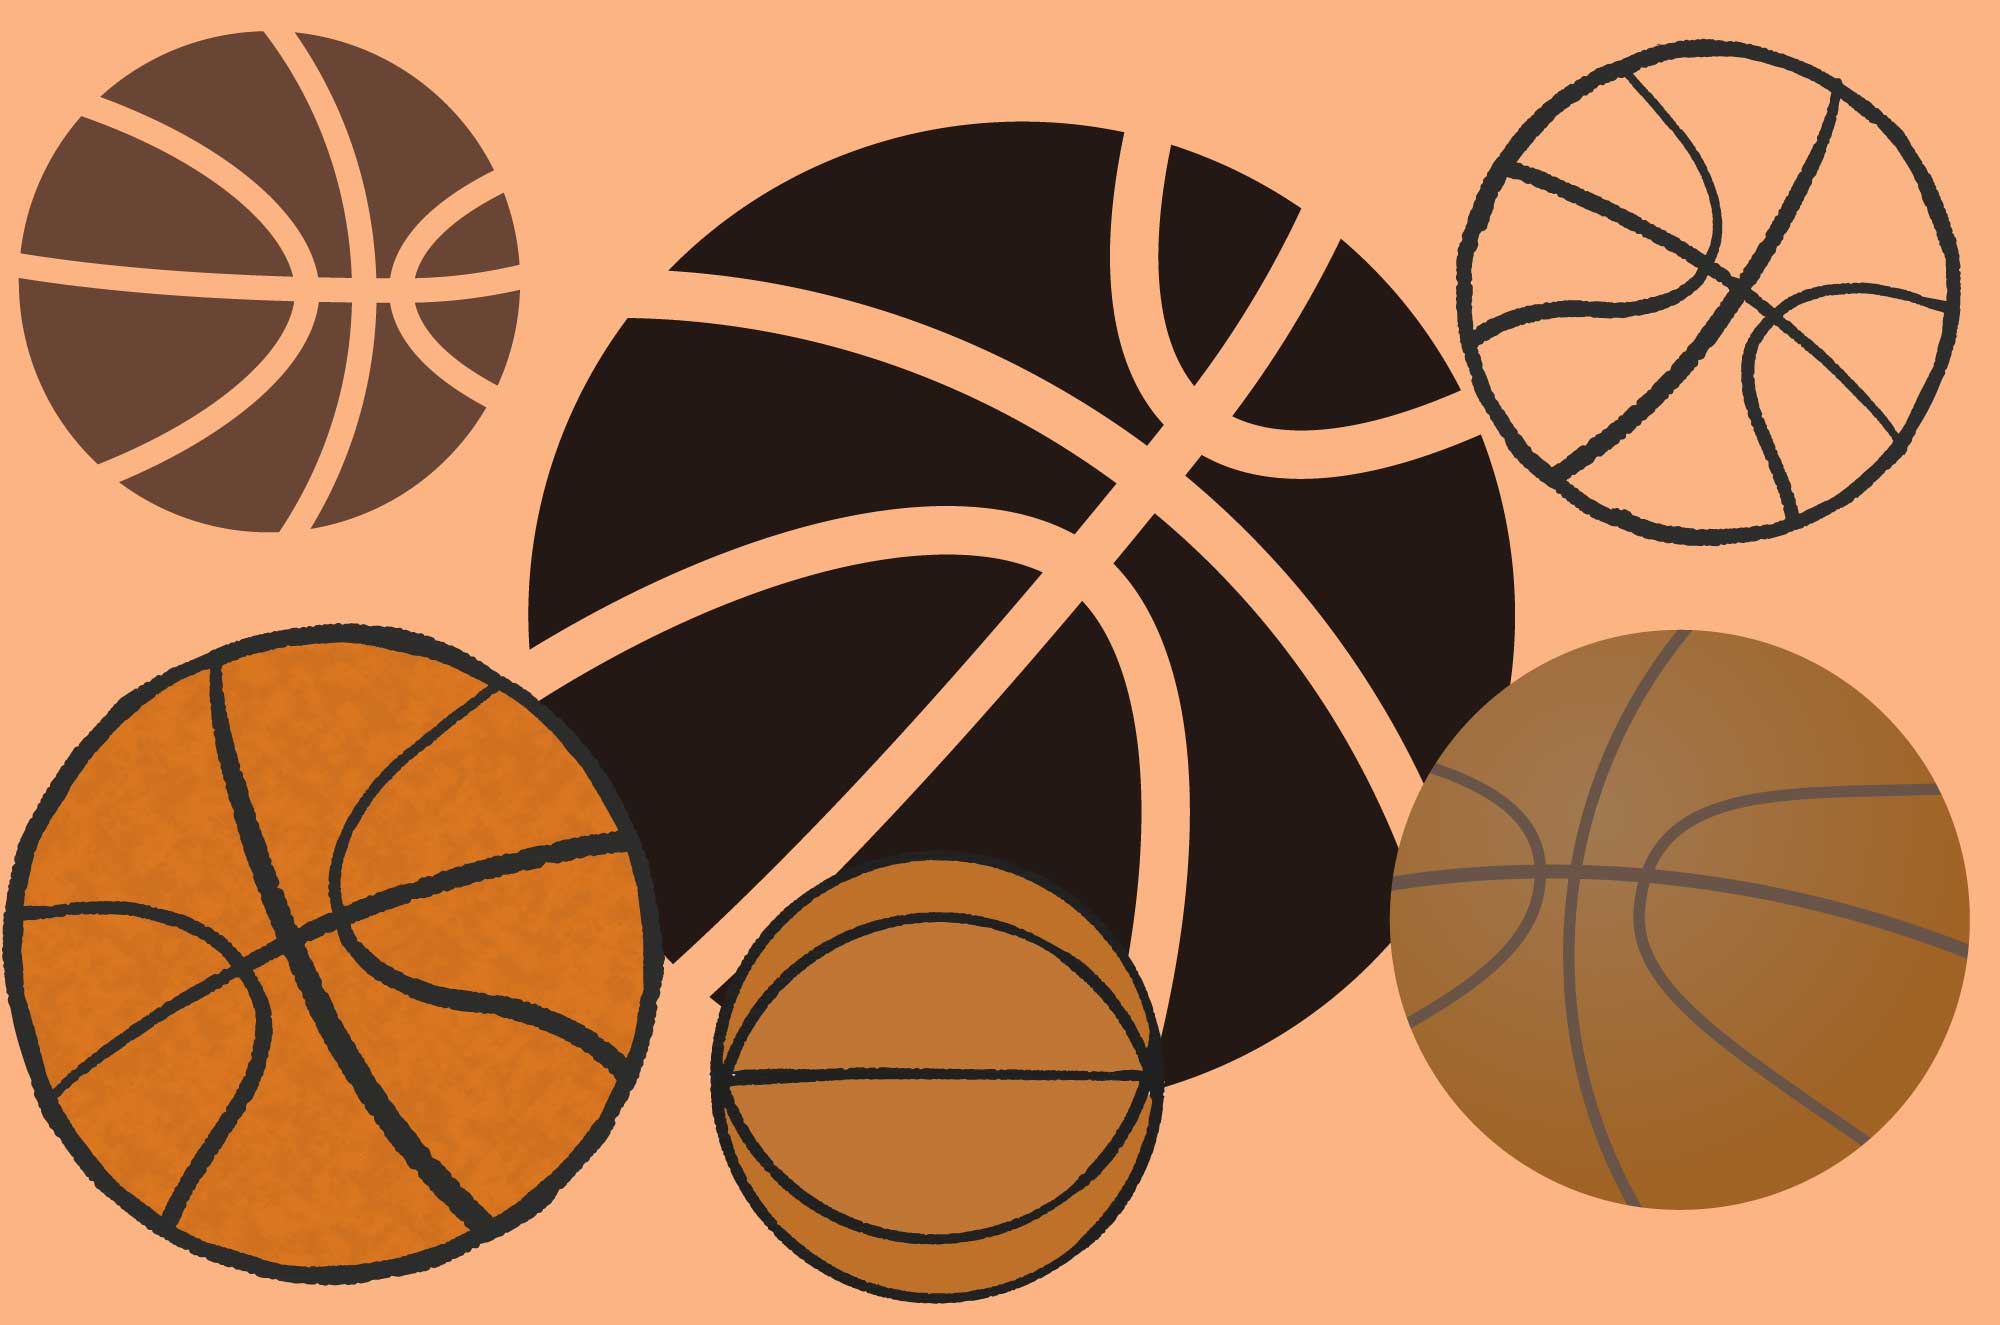 可愛いバスケットボールの無料イラスト素材